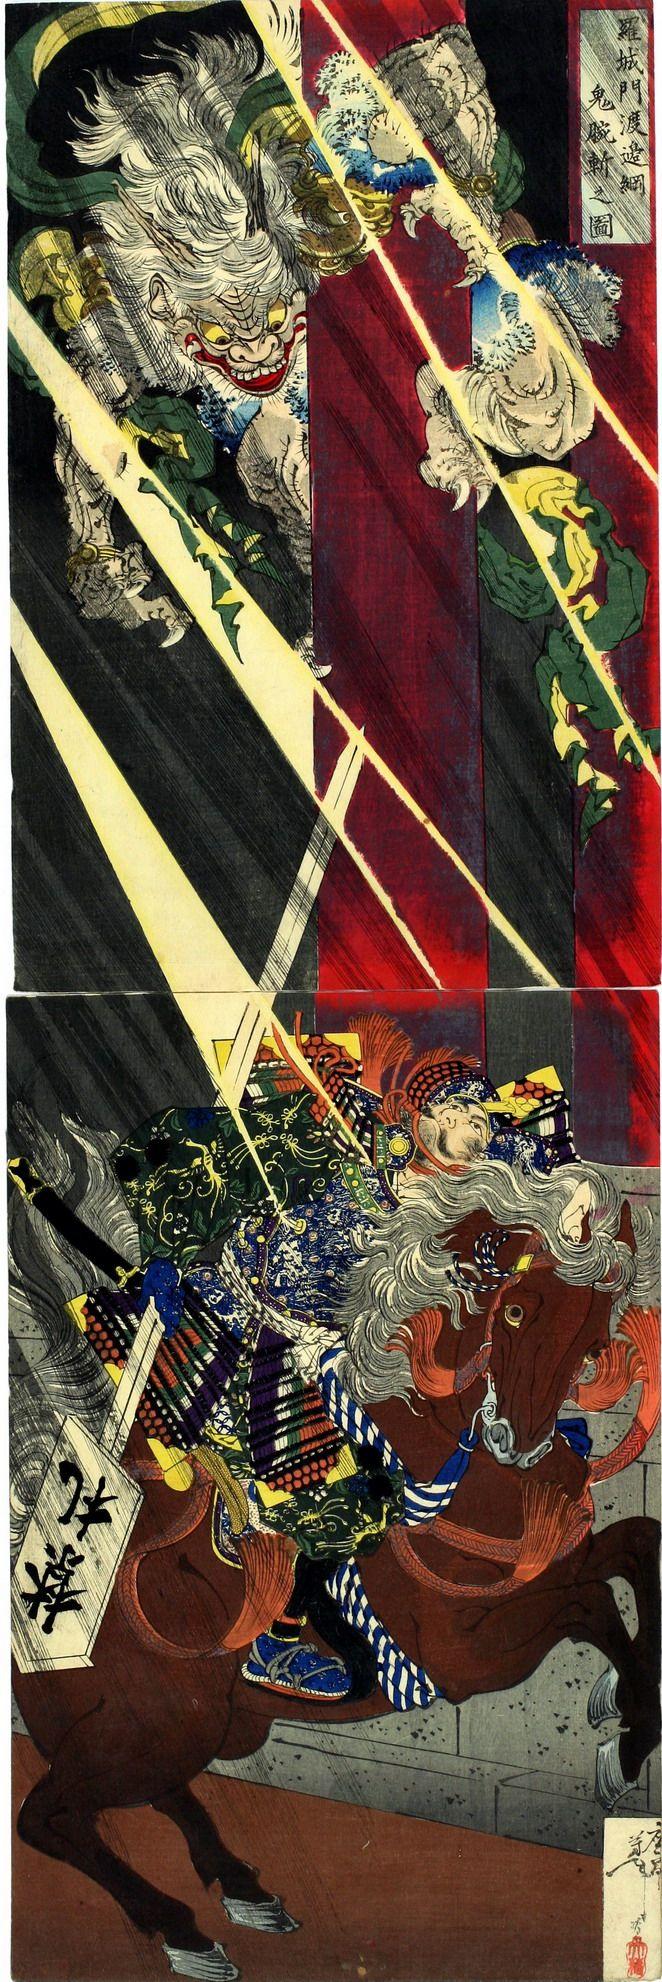 TSUKIOKA Yoshitoshi (1839~1892), Japan 月岡芳年